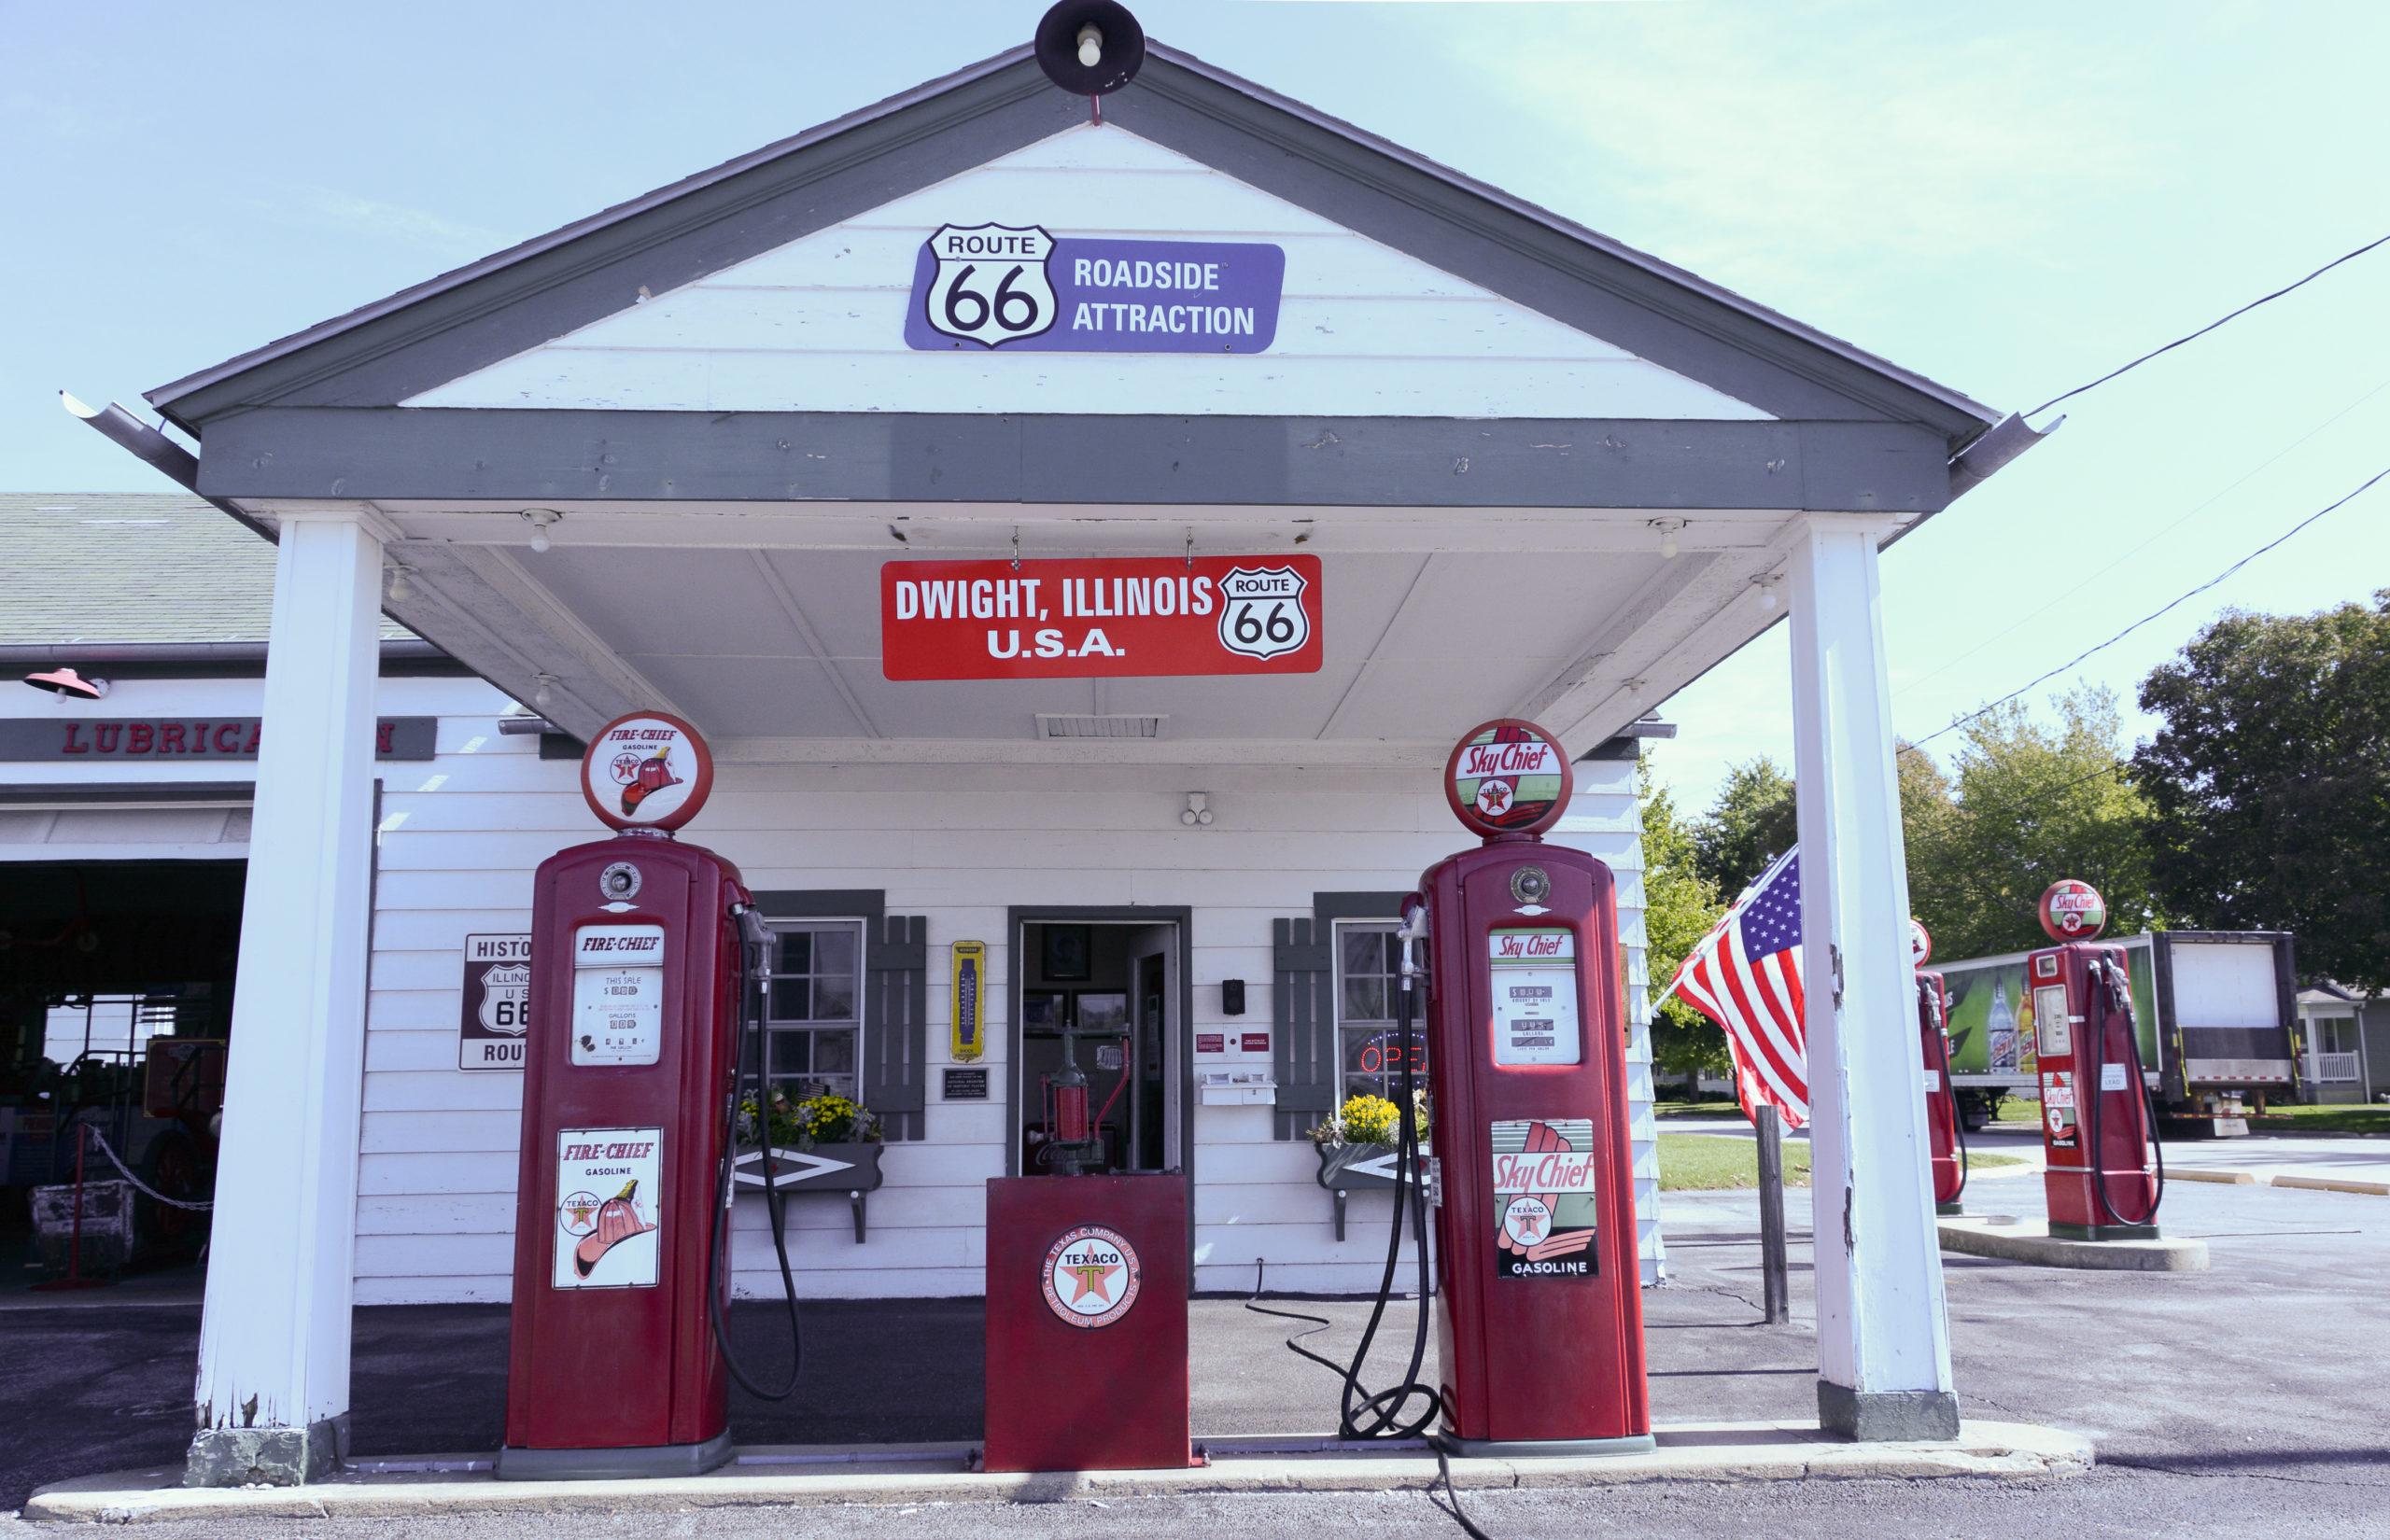 Die Texaco gas station in Dwight, Illinois, ist eine Ikone der Route 66